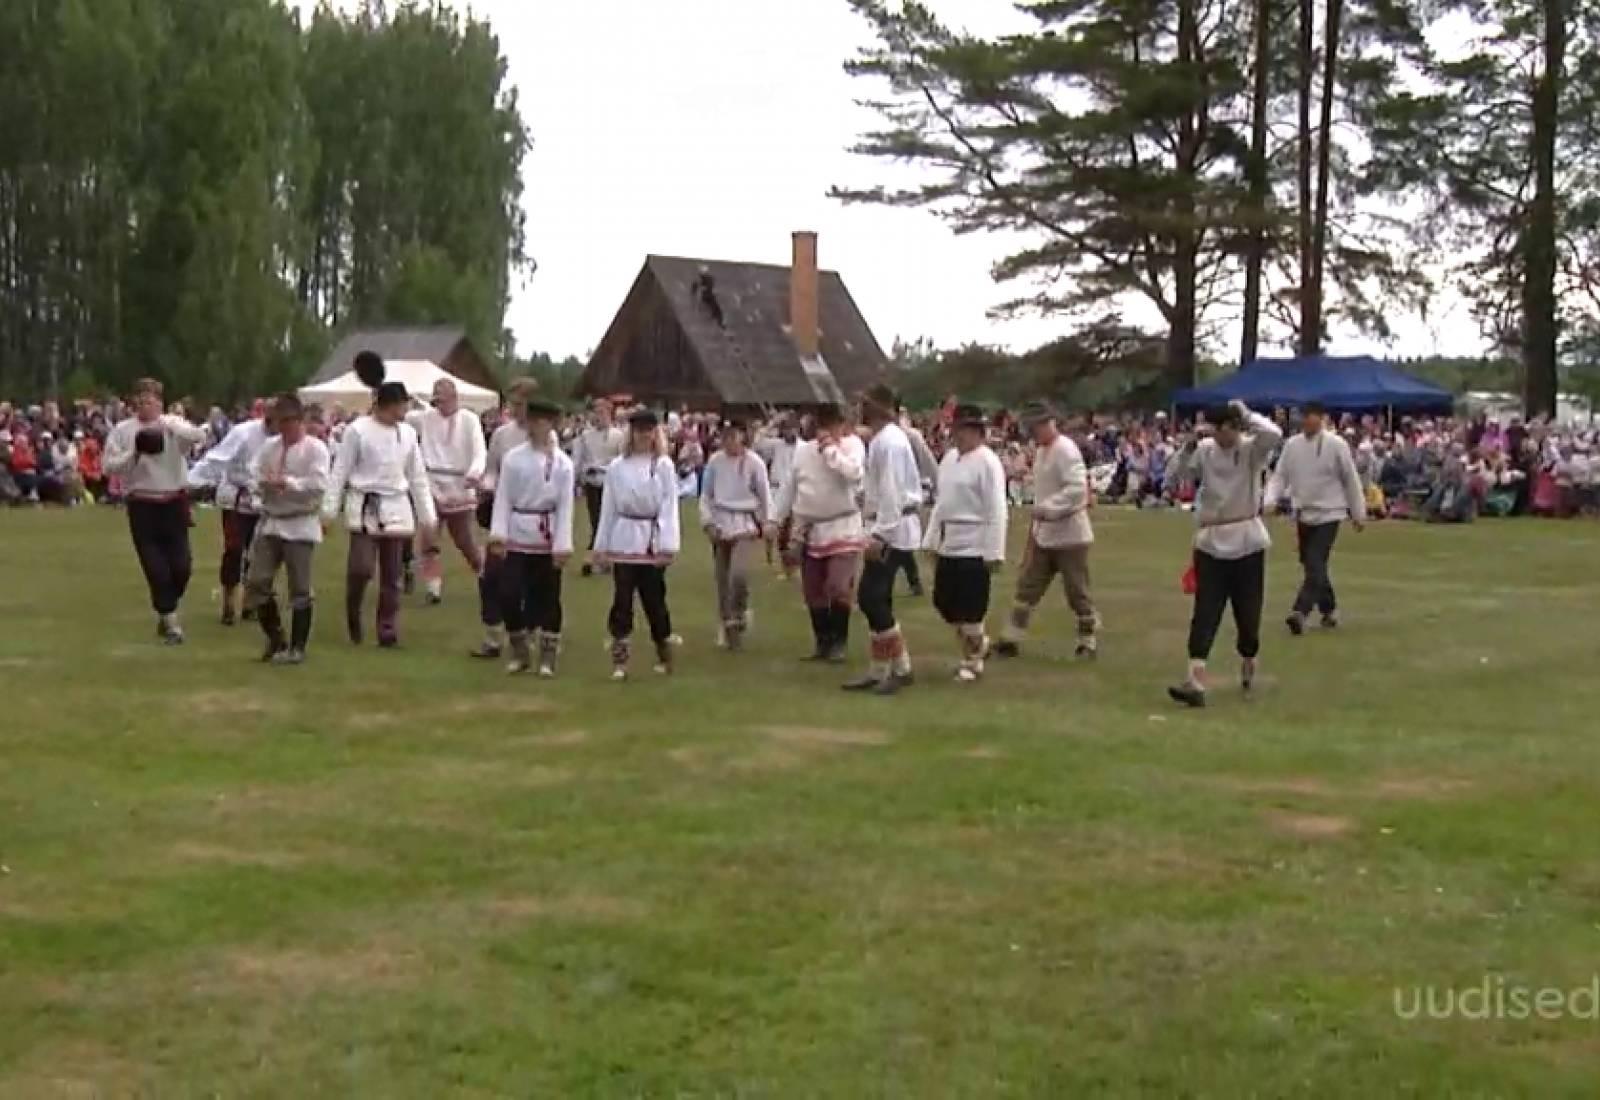 VIDEO! Setomaa folgipeol toimus ka meeleolukas tantsupidu